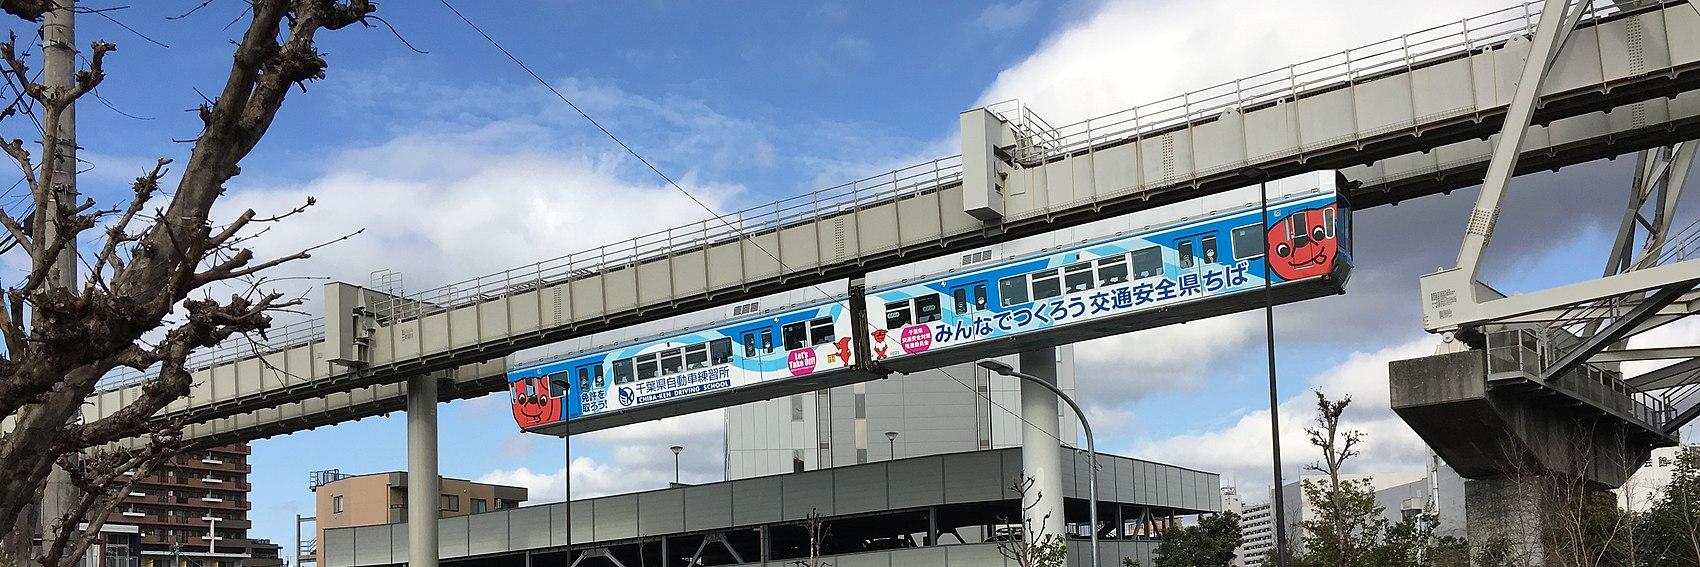 特色城市軌道交通